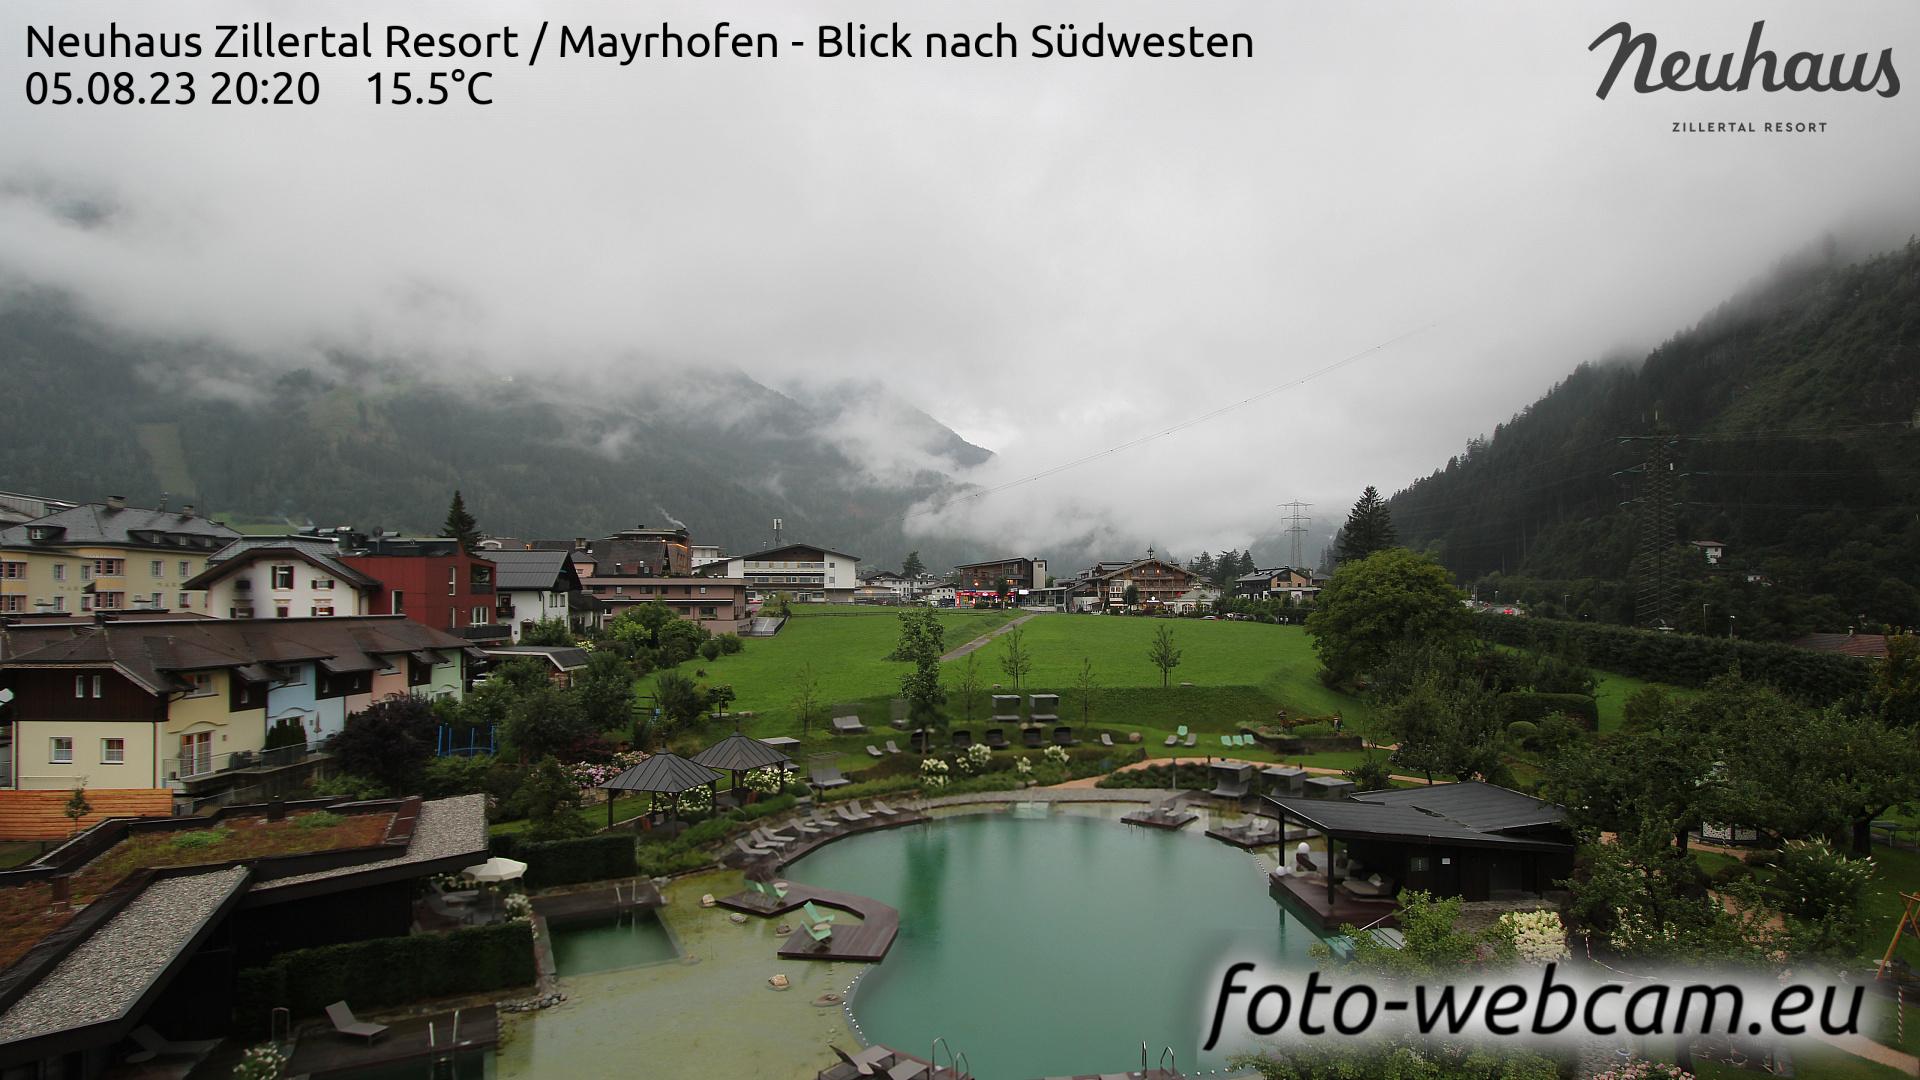 Mayrhofen Sun. 20:33